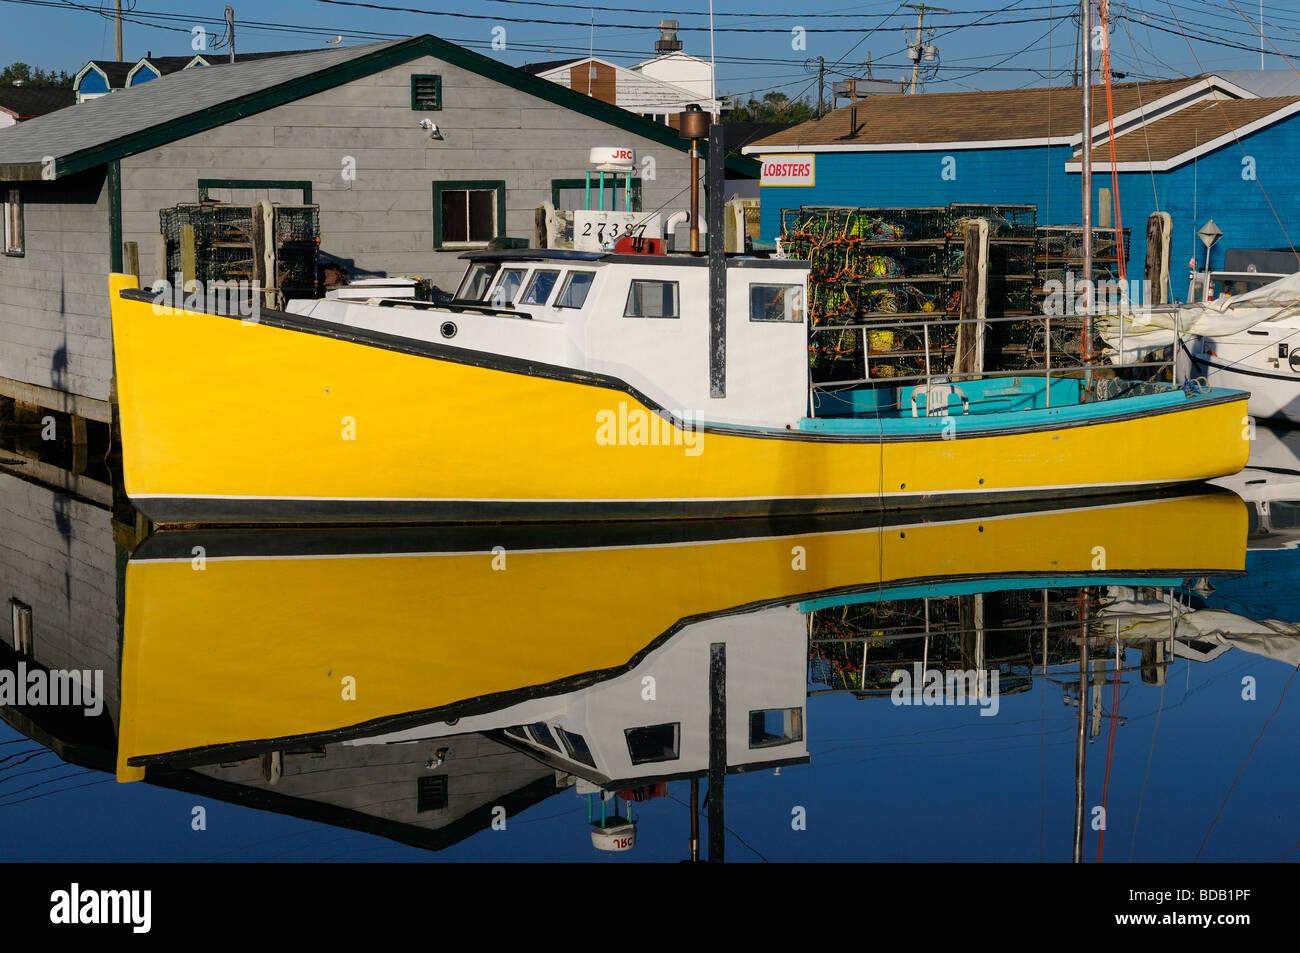 Il giallo di lobster boat sulle calme acque blu a fishermans cove passaggio orientale Halifax Nova Scotia Immagini Stock